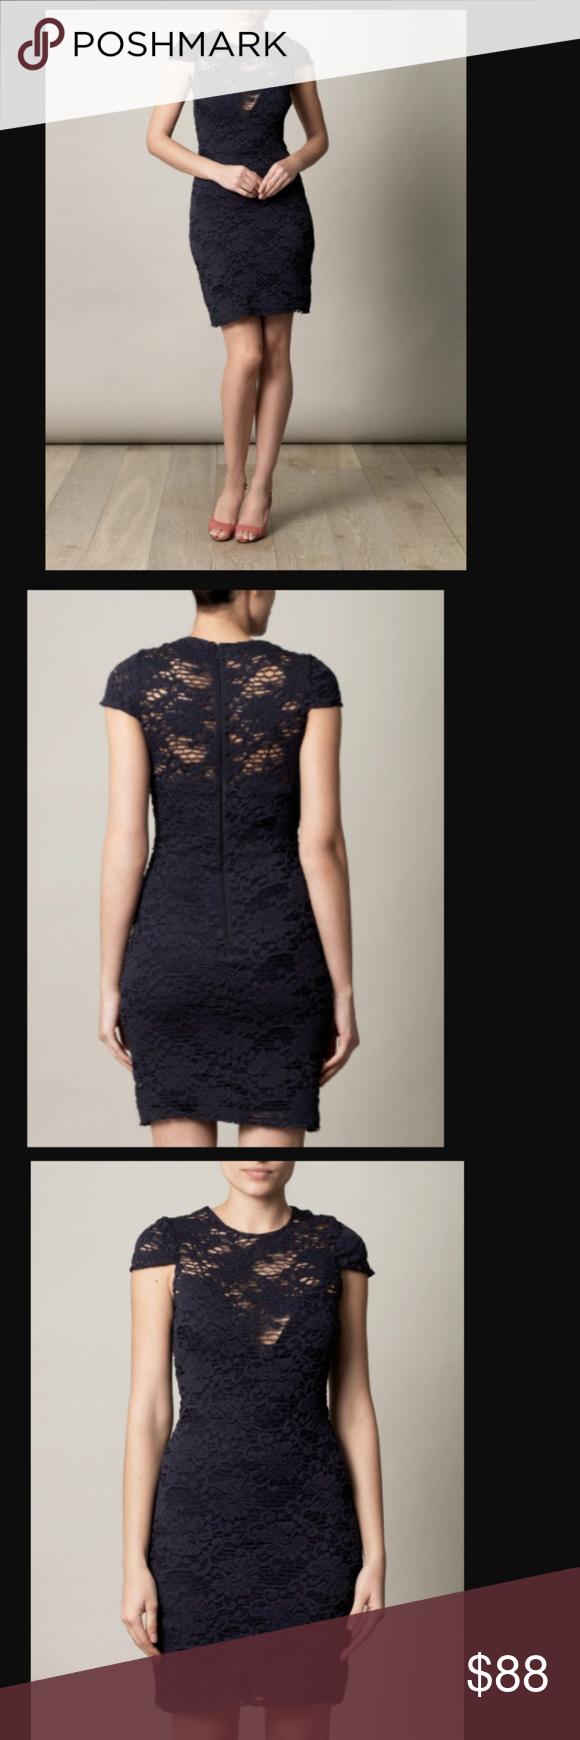 L Agence Navy Blue Crochet Lace Stretch Dress Stretch Dress Dresses Stretch Lace